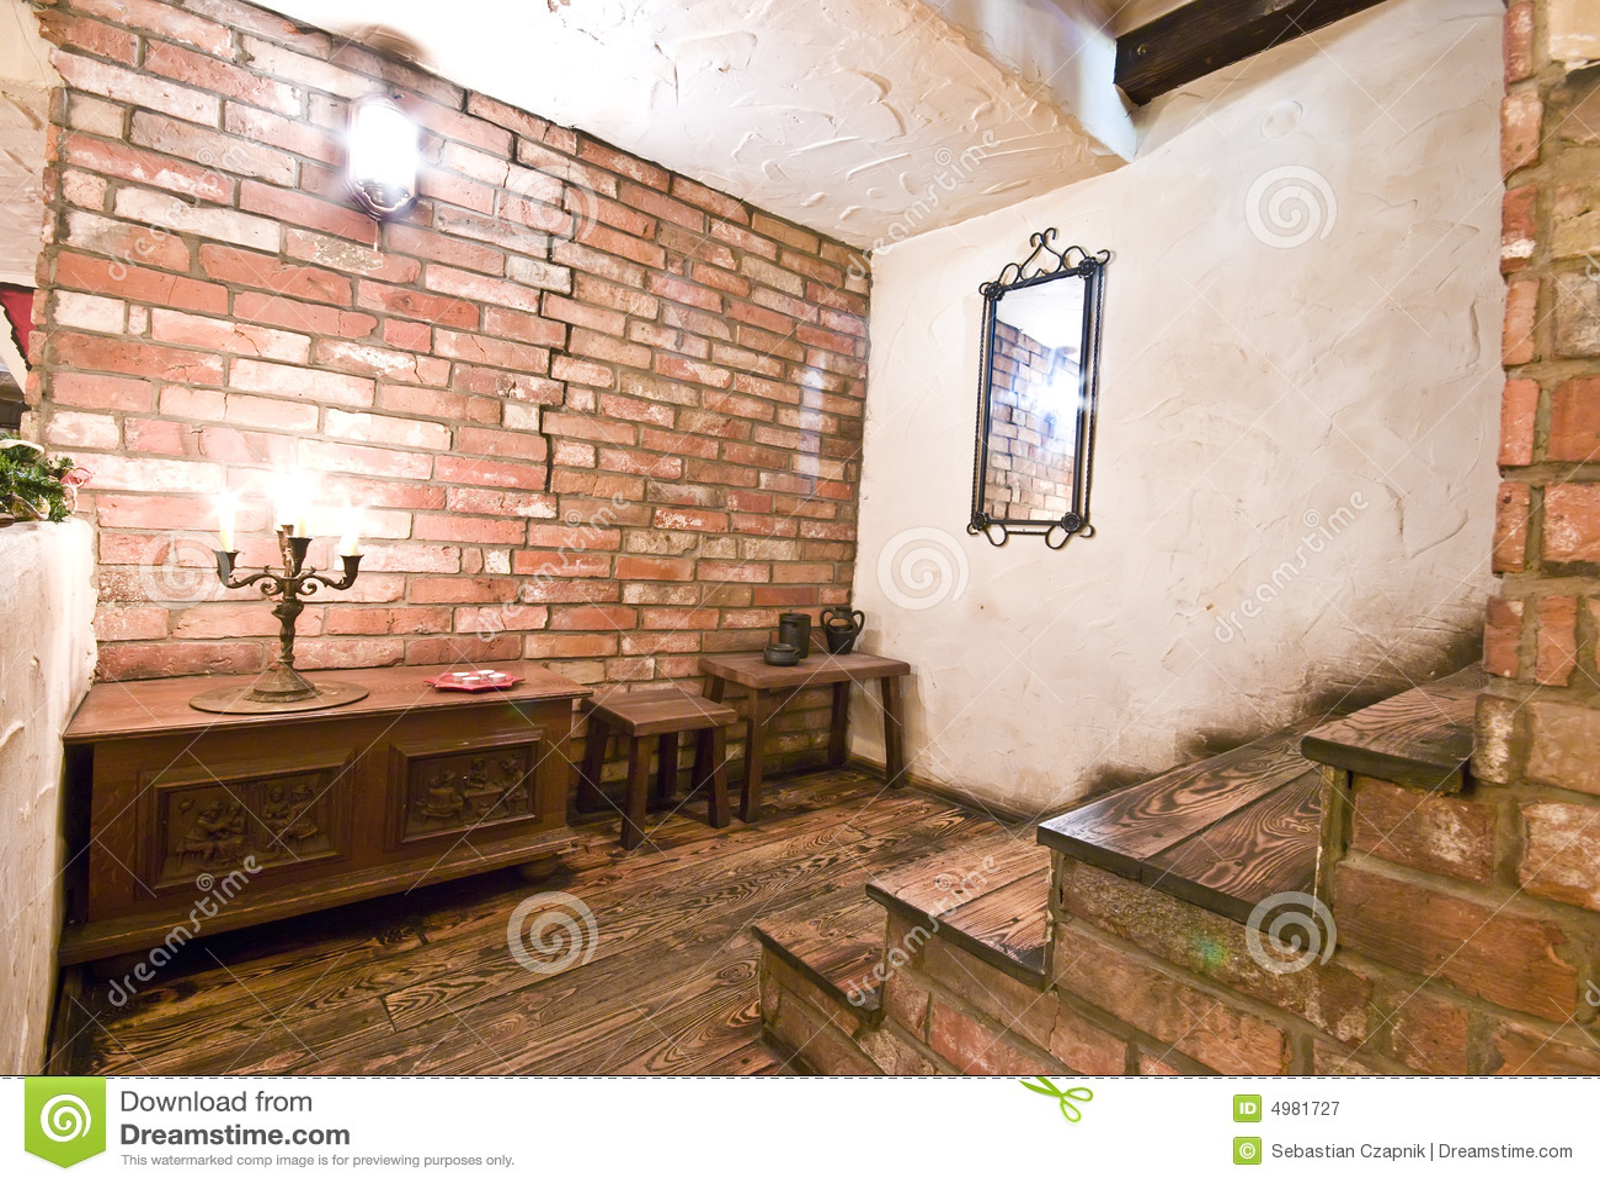 Escaleras interiores r sticas imagen de archivo imagen - Fotos de interiores de casas rusticas ...